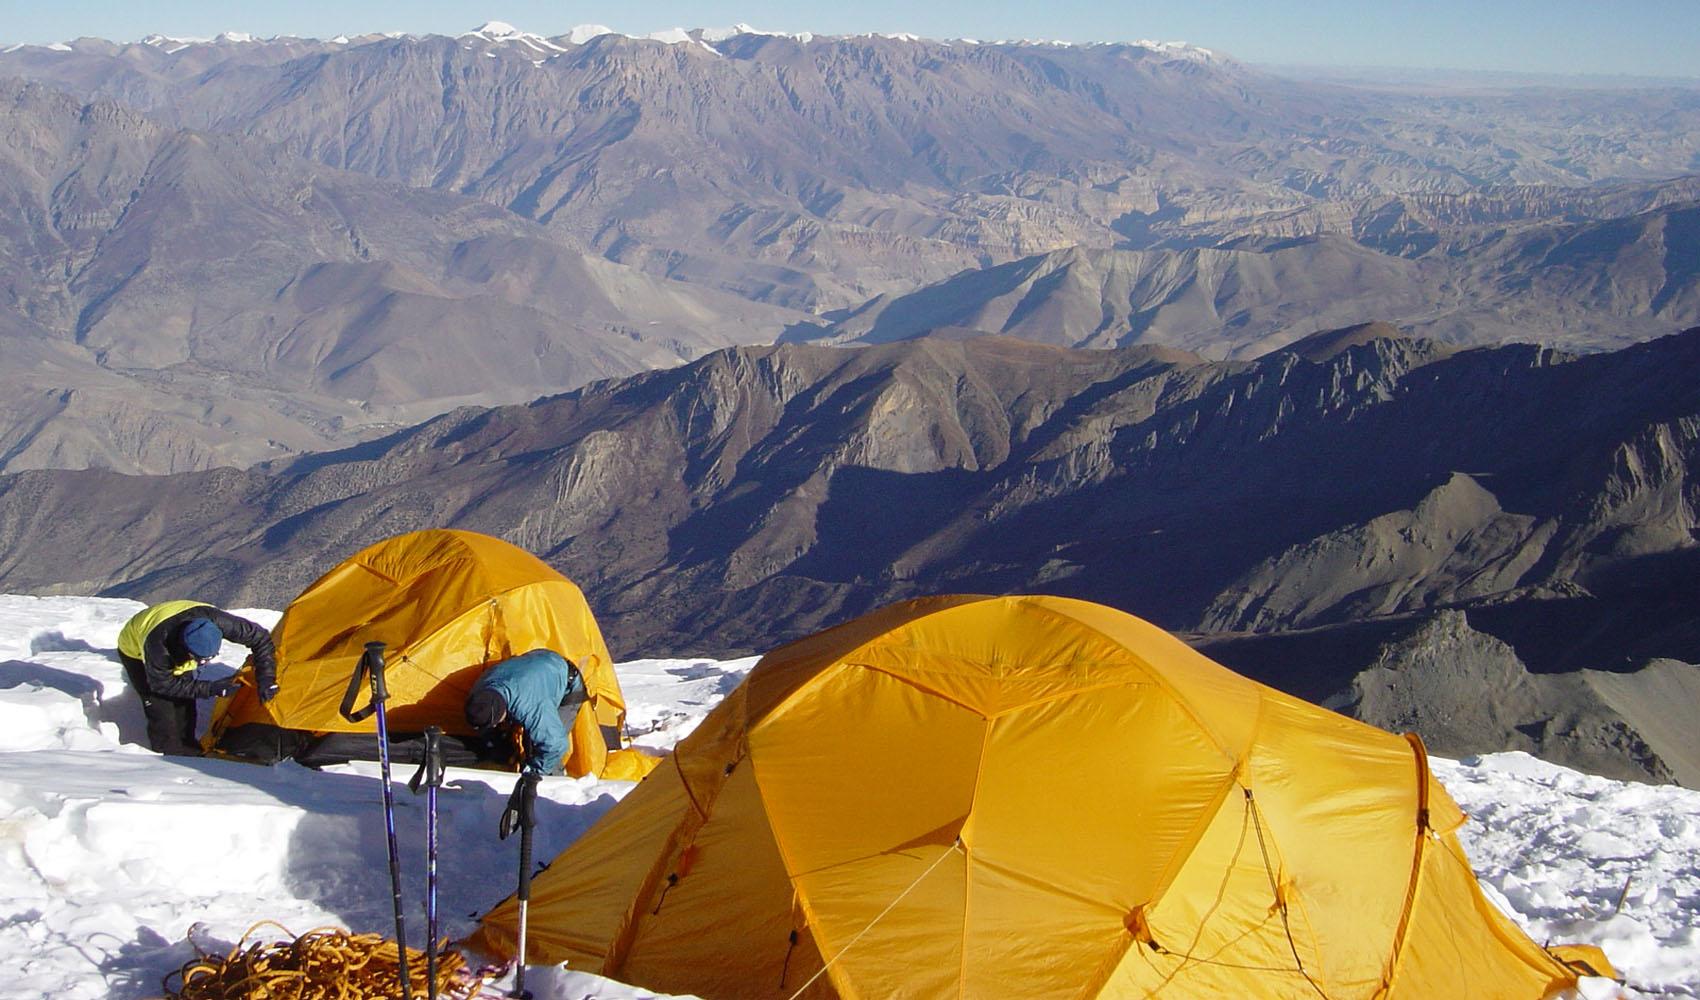 Le camp 2 du Tilicho 6100 m